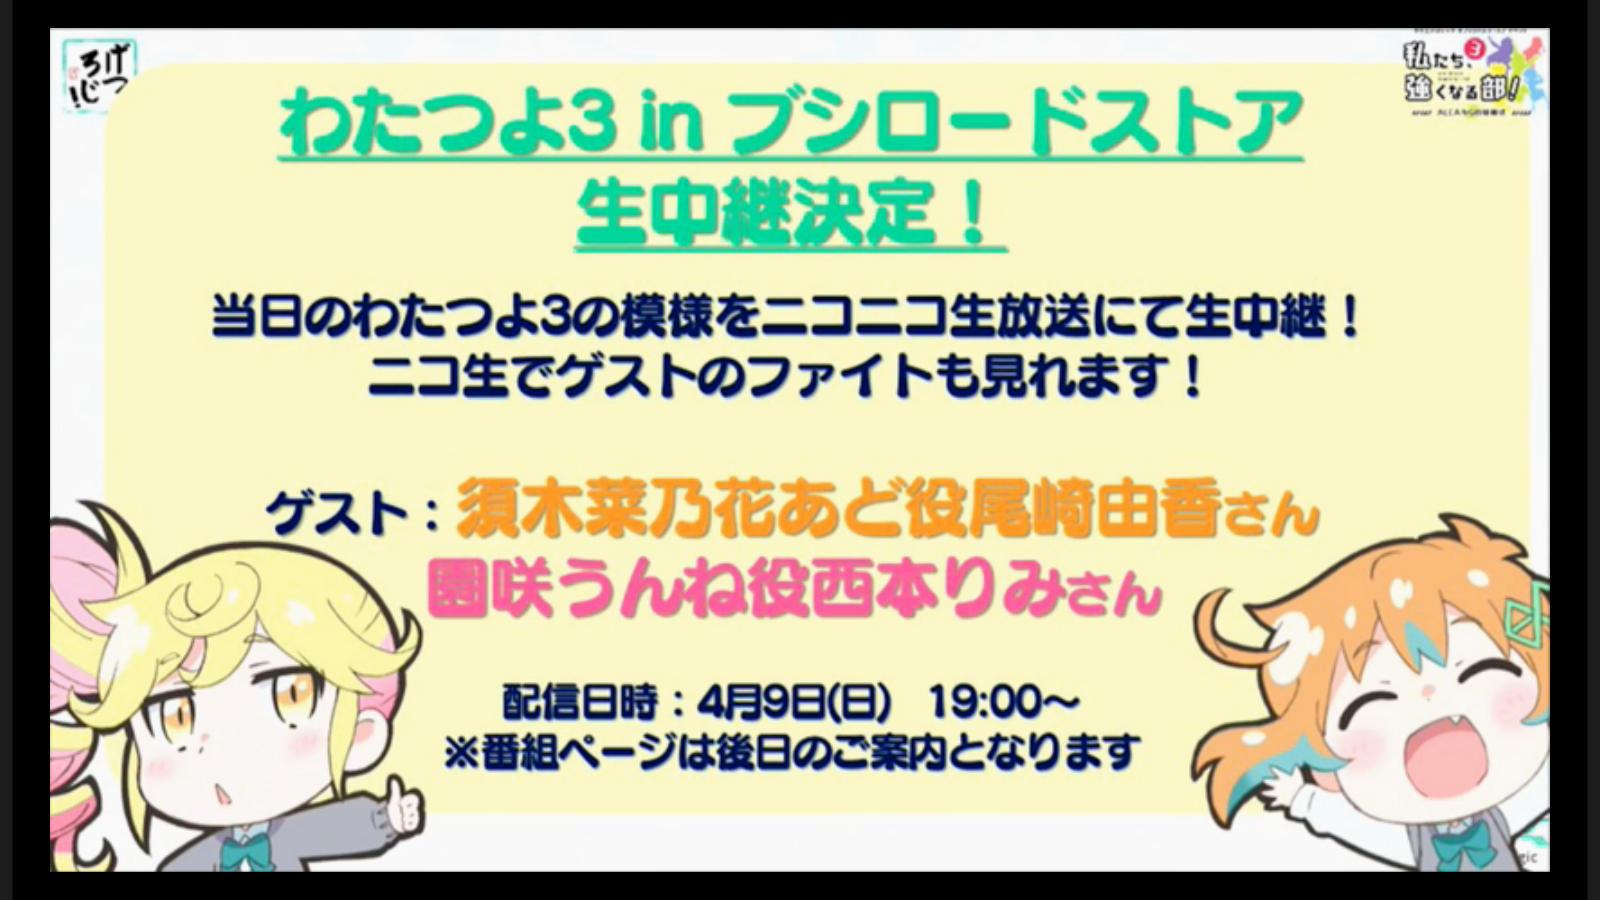 bshi-live-170306-011.jpg